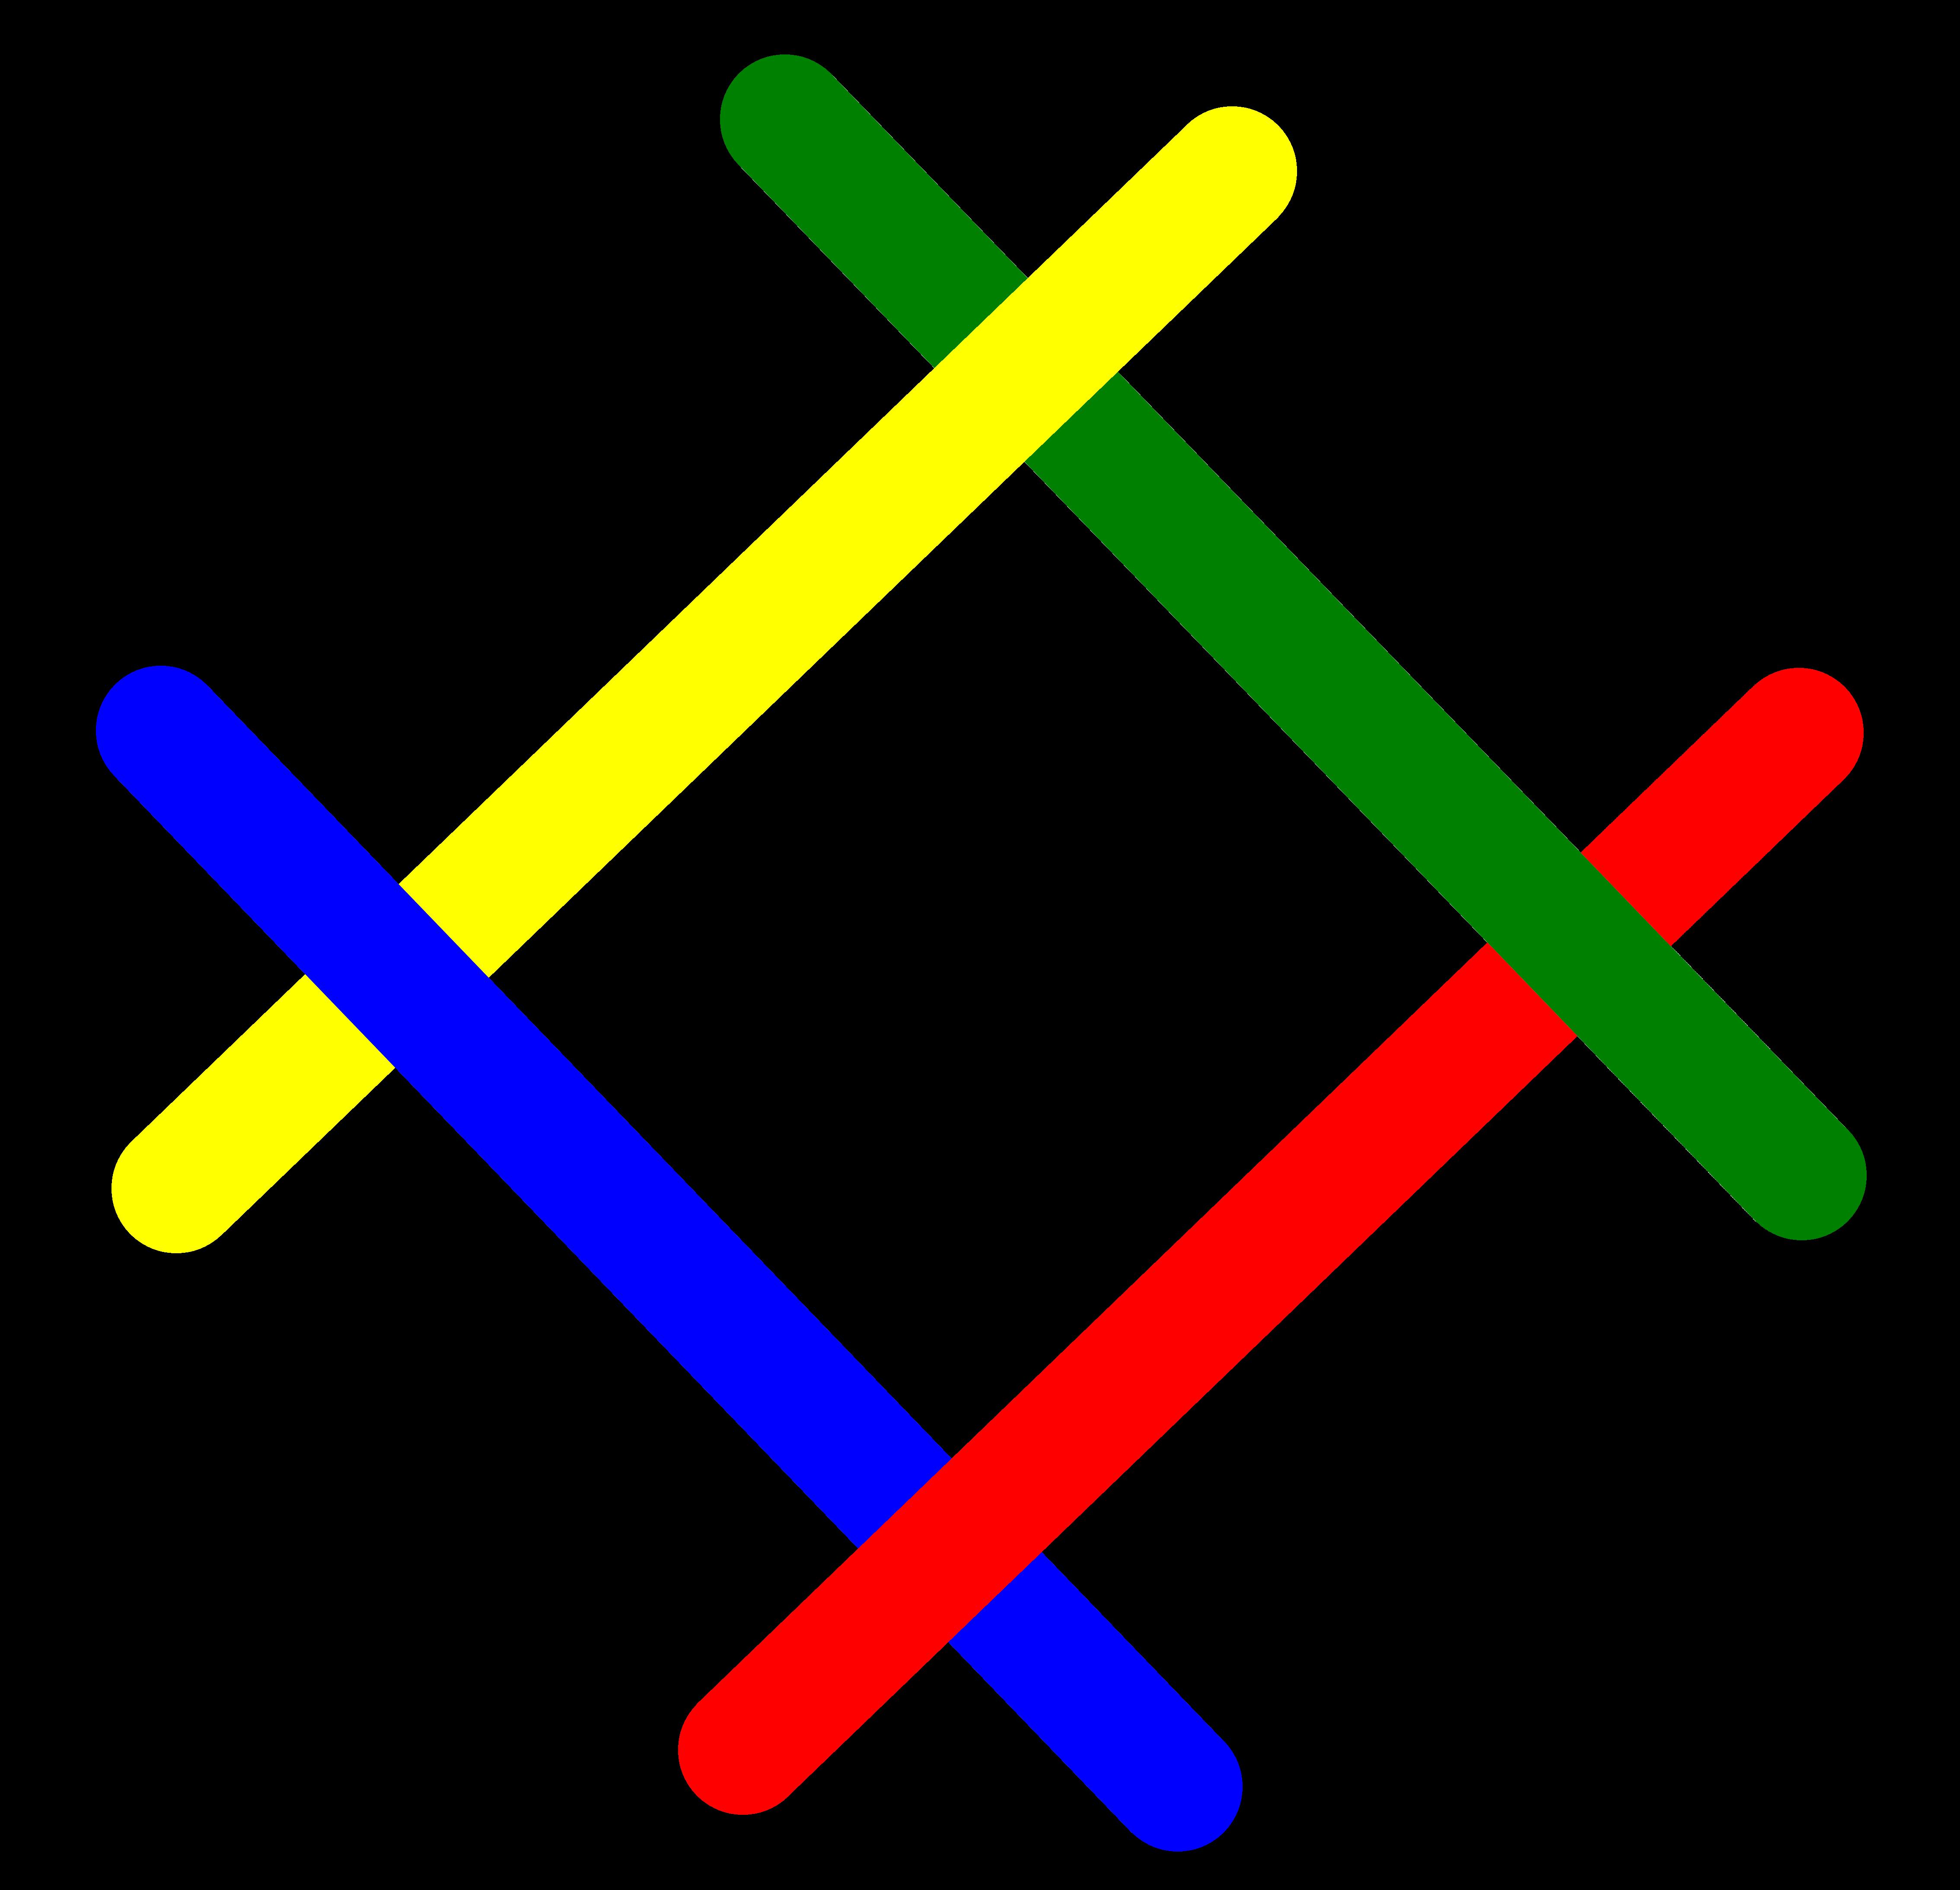 Förderverein Netzwerk Demokratie e.V.